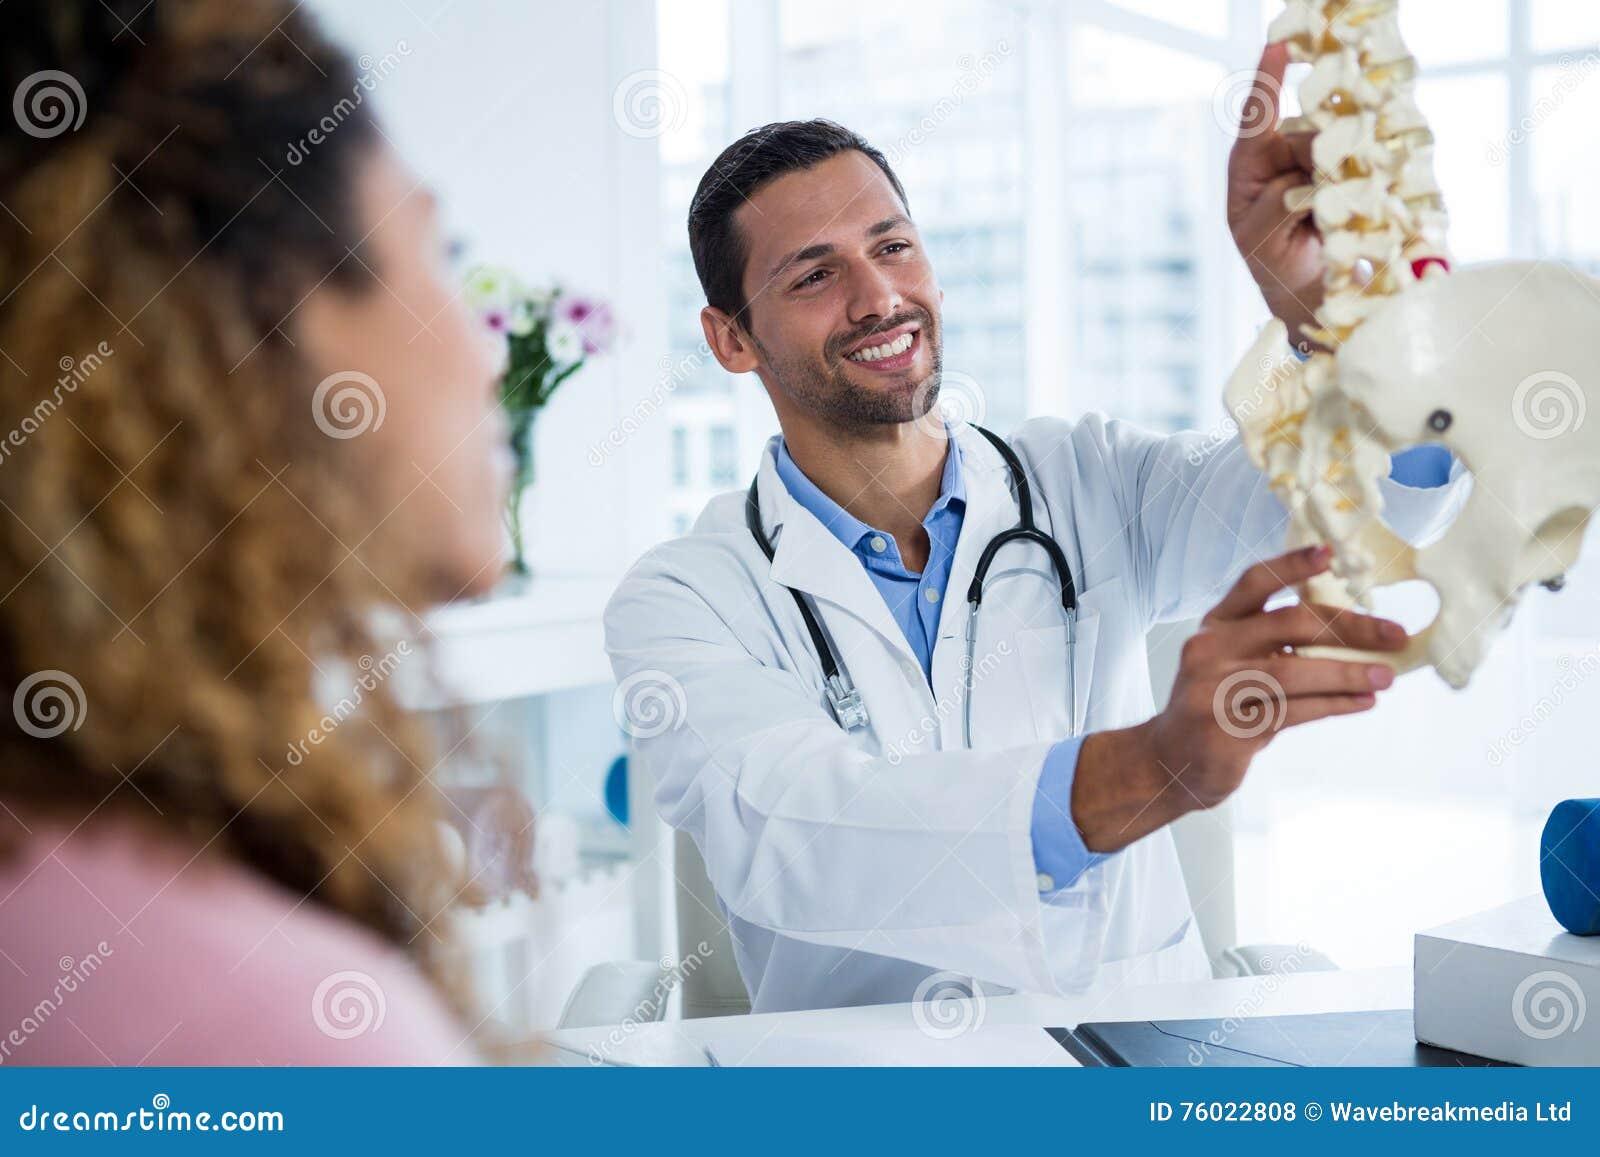 Fysioterapeut som förklarar inbindningsmodellen till patienten